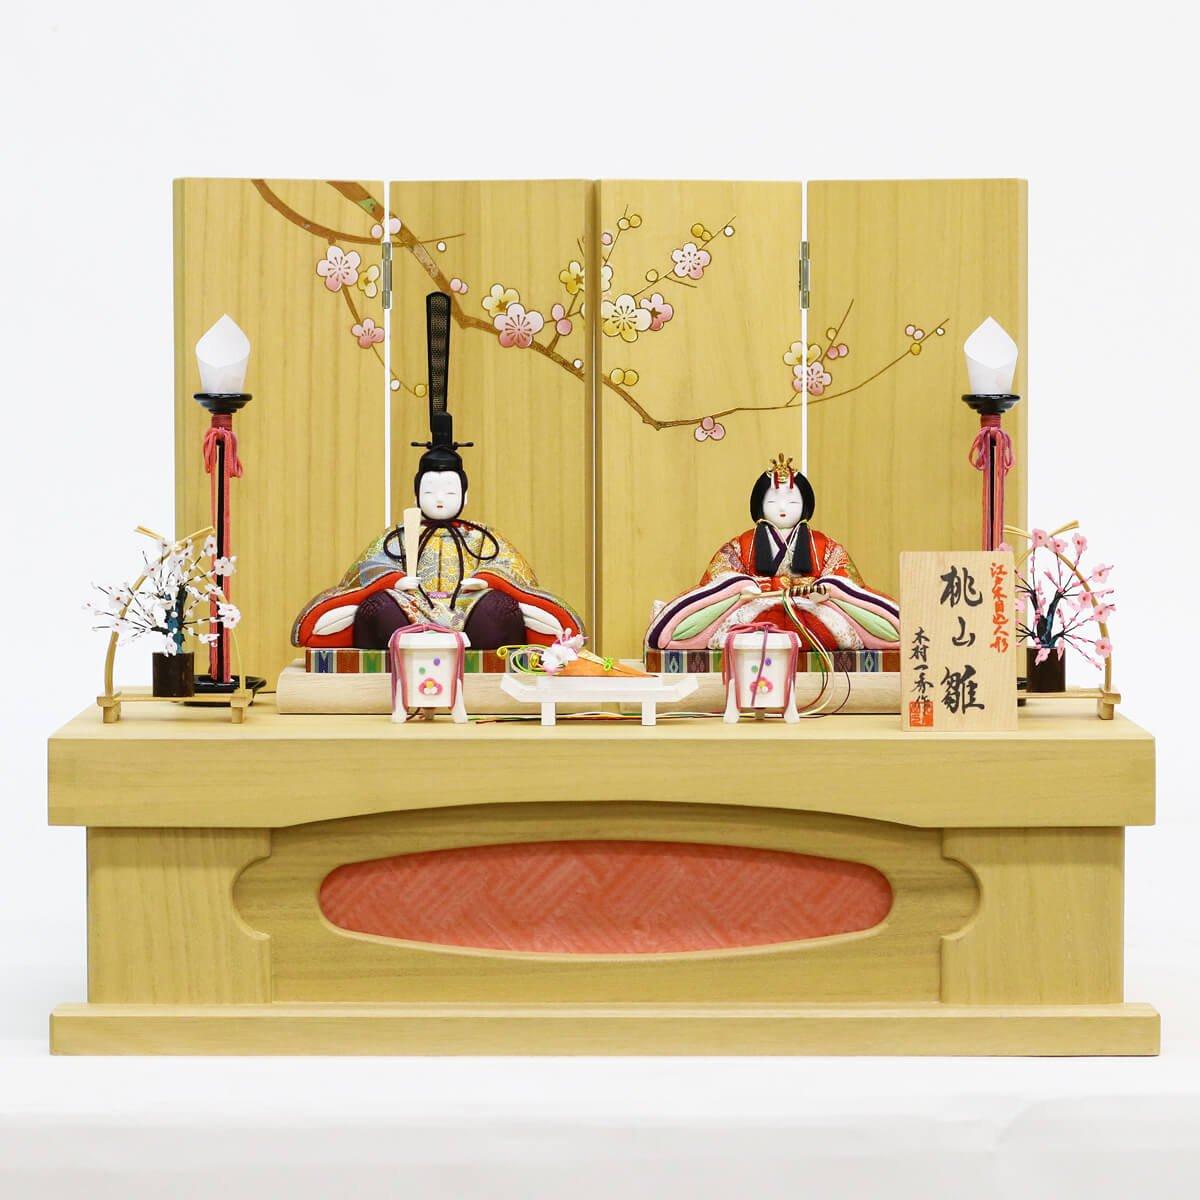 雛人形 一秀 親王飾り 桃山雛 150号 桐収納飾り HNIS-H-51 木目込み ひな人形 コンパクト   B078K8P1VS